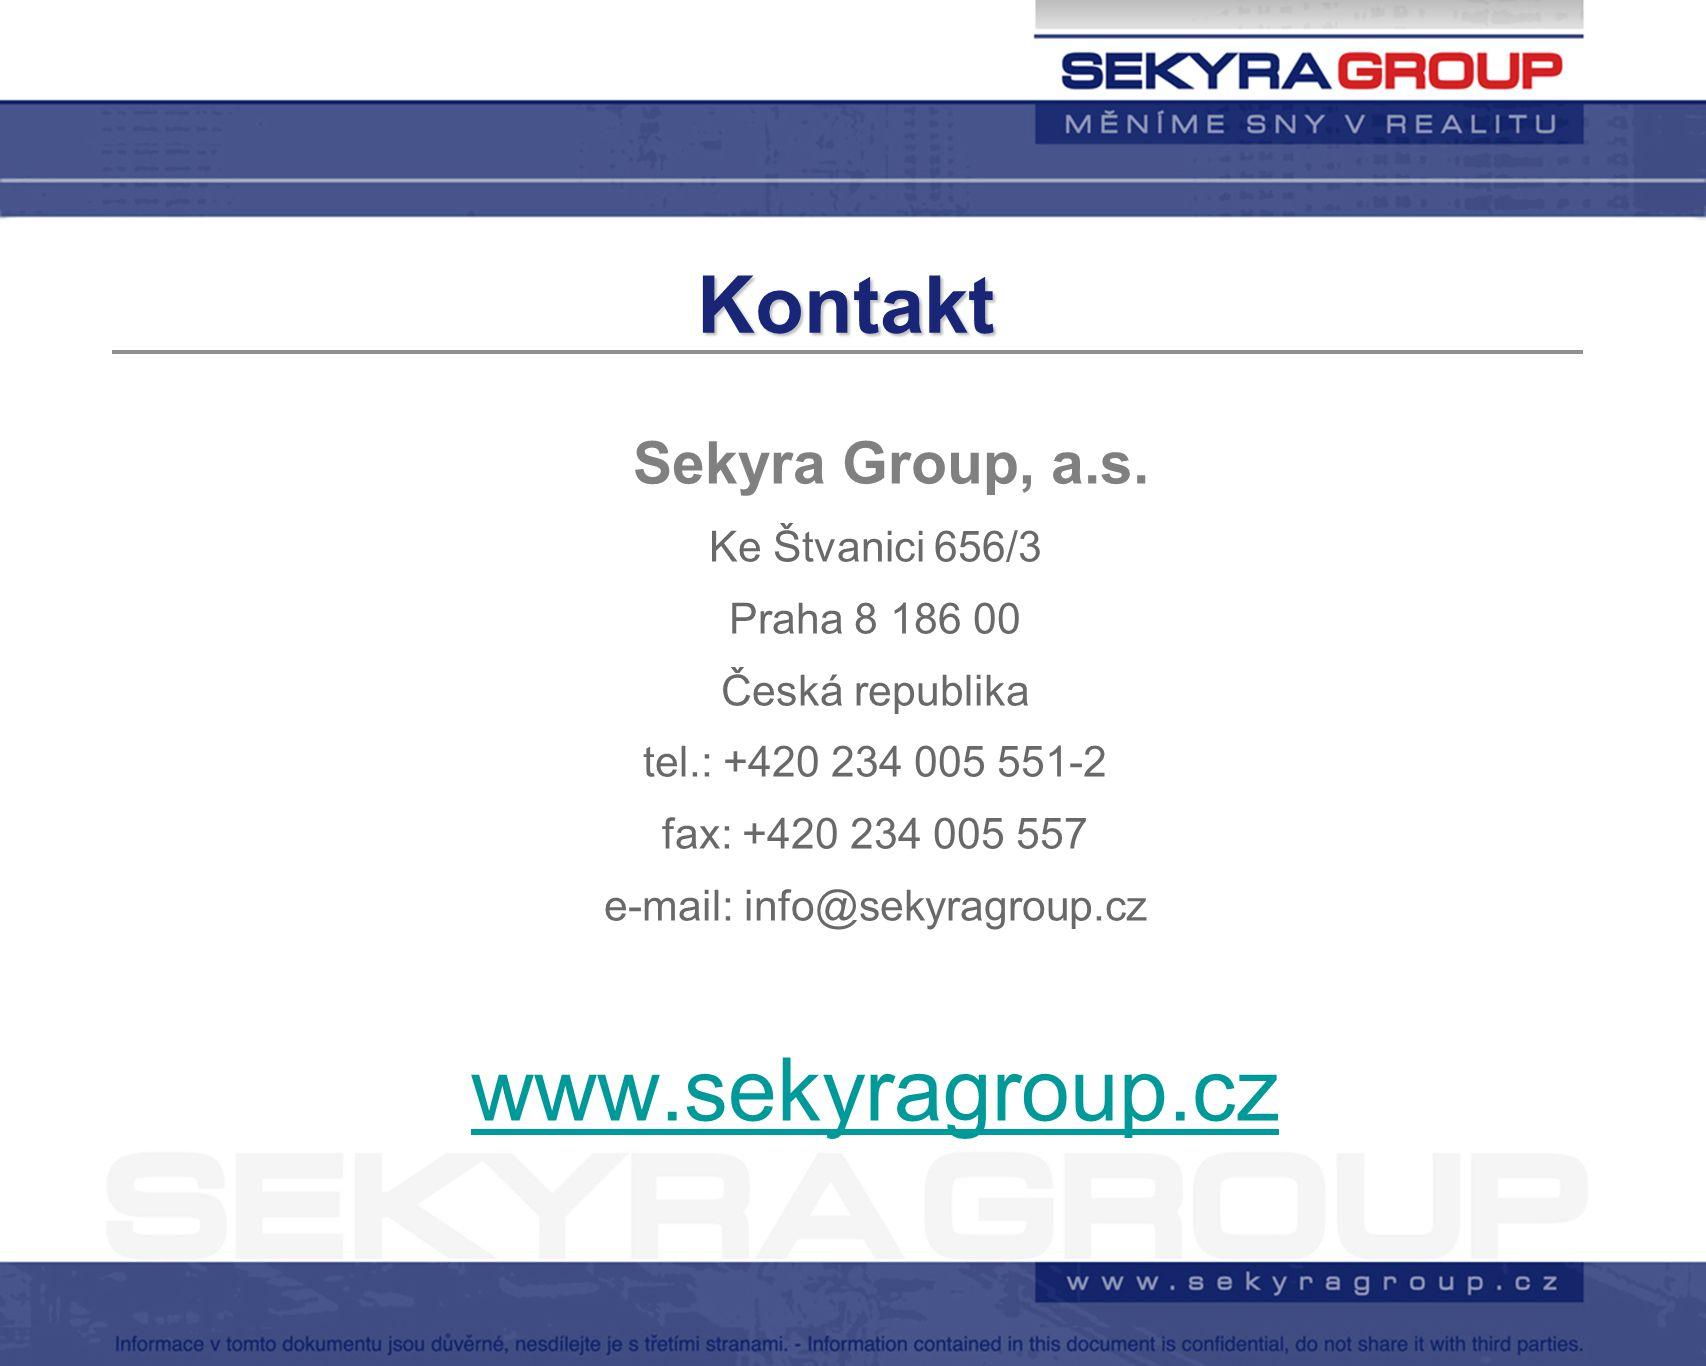 Kontakt Sekyra Group, a.s. Ke Štvanici 656/3 Praha 8 186 00 Česká republika tel.: +420 234 005 551-2 fax: +420 234 005 557 e-mail: info@sekyragroup.cz